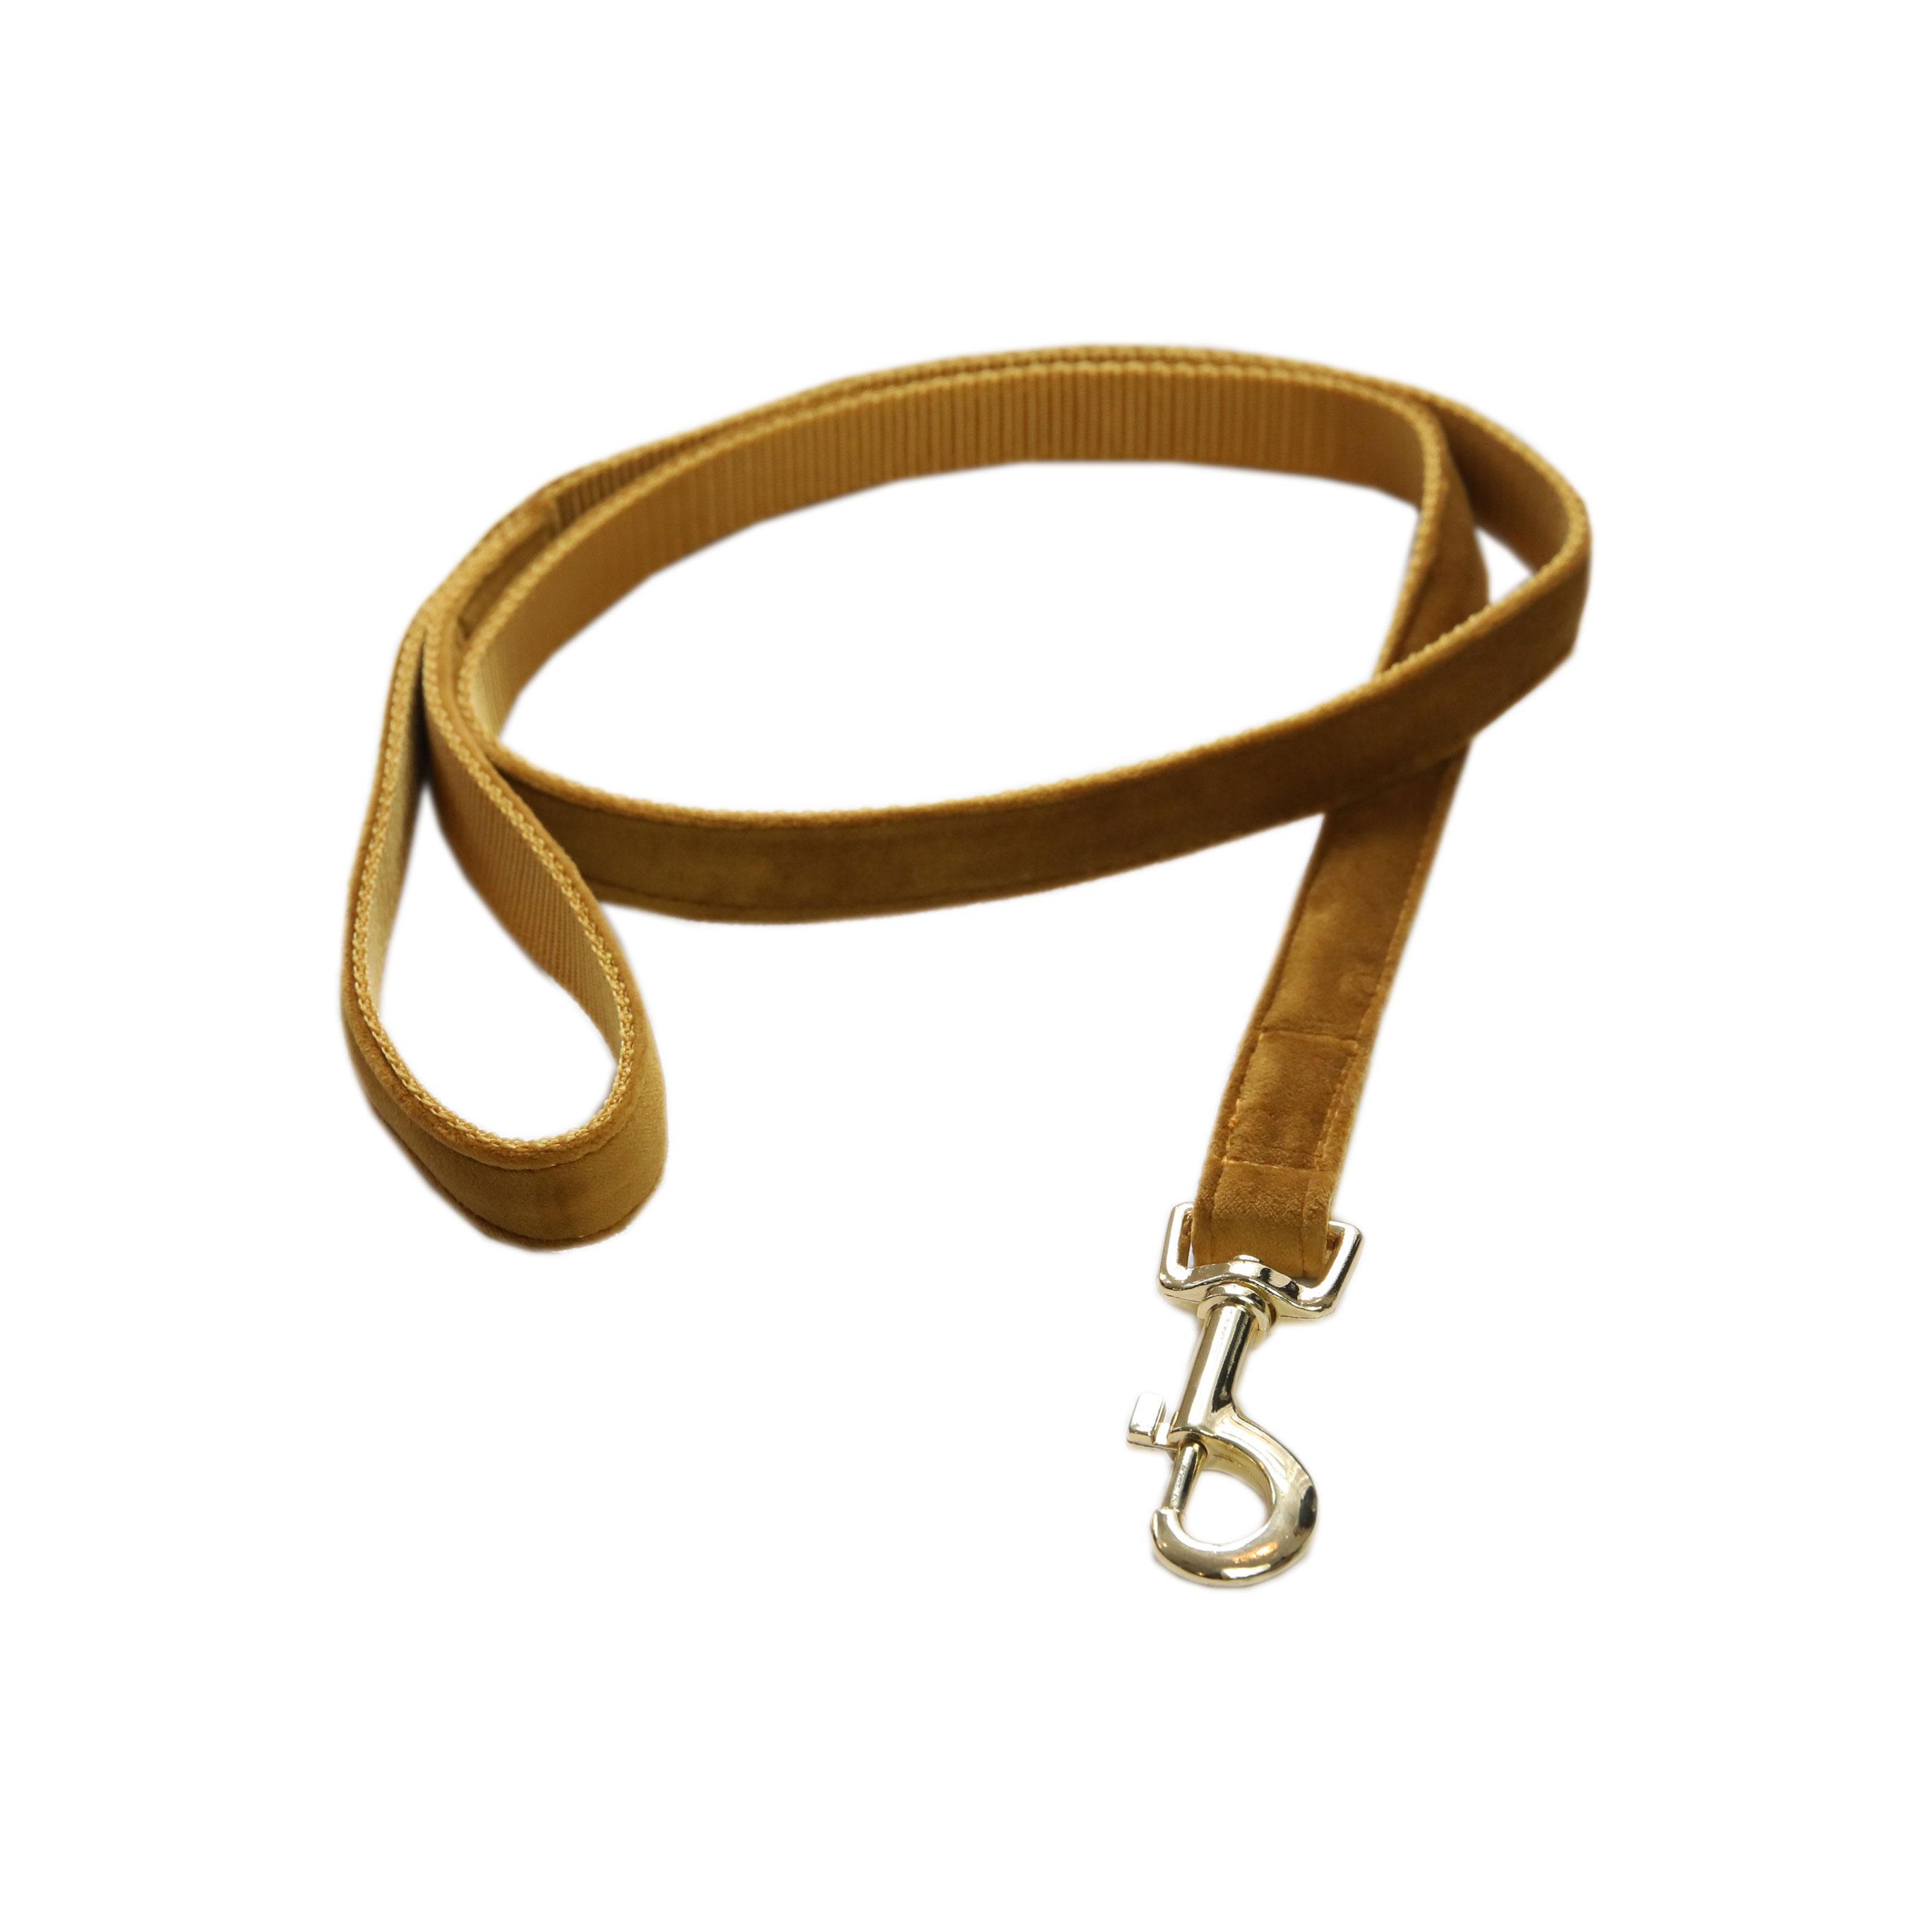 Kentucky Dogwear Velvet Dog Lead Hundeleine 2 m